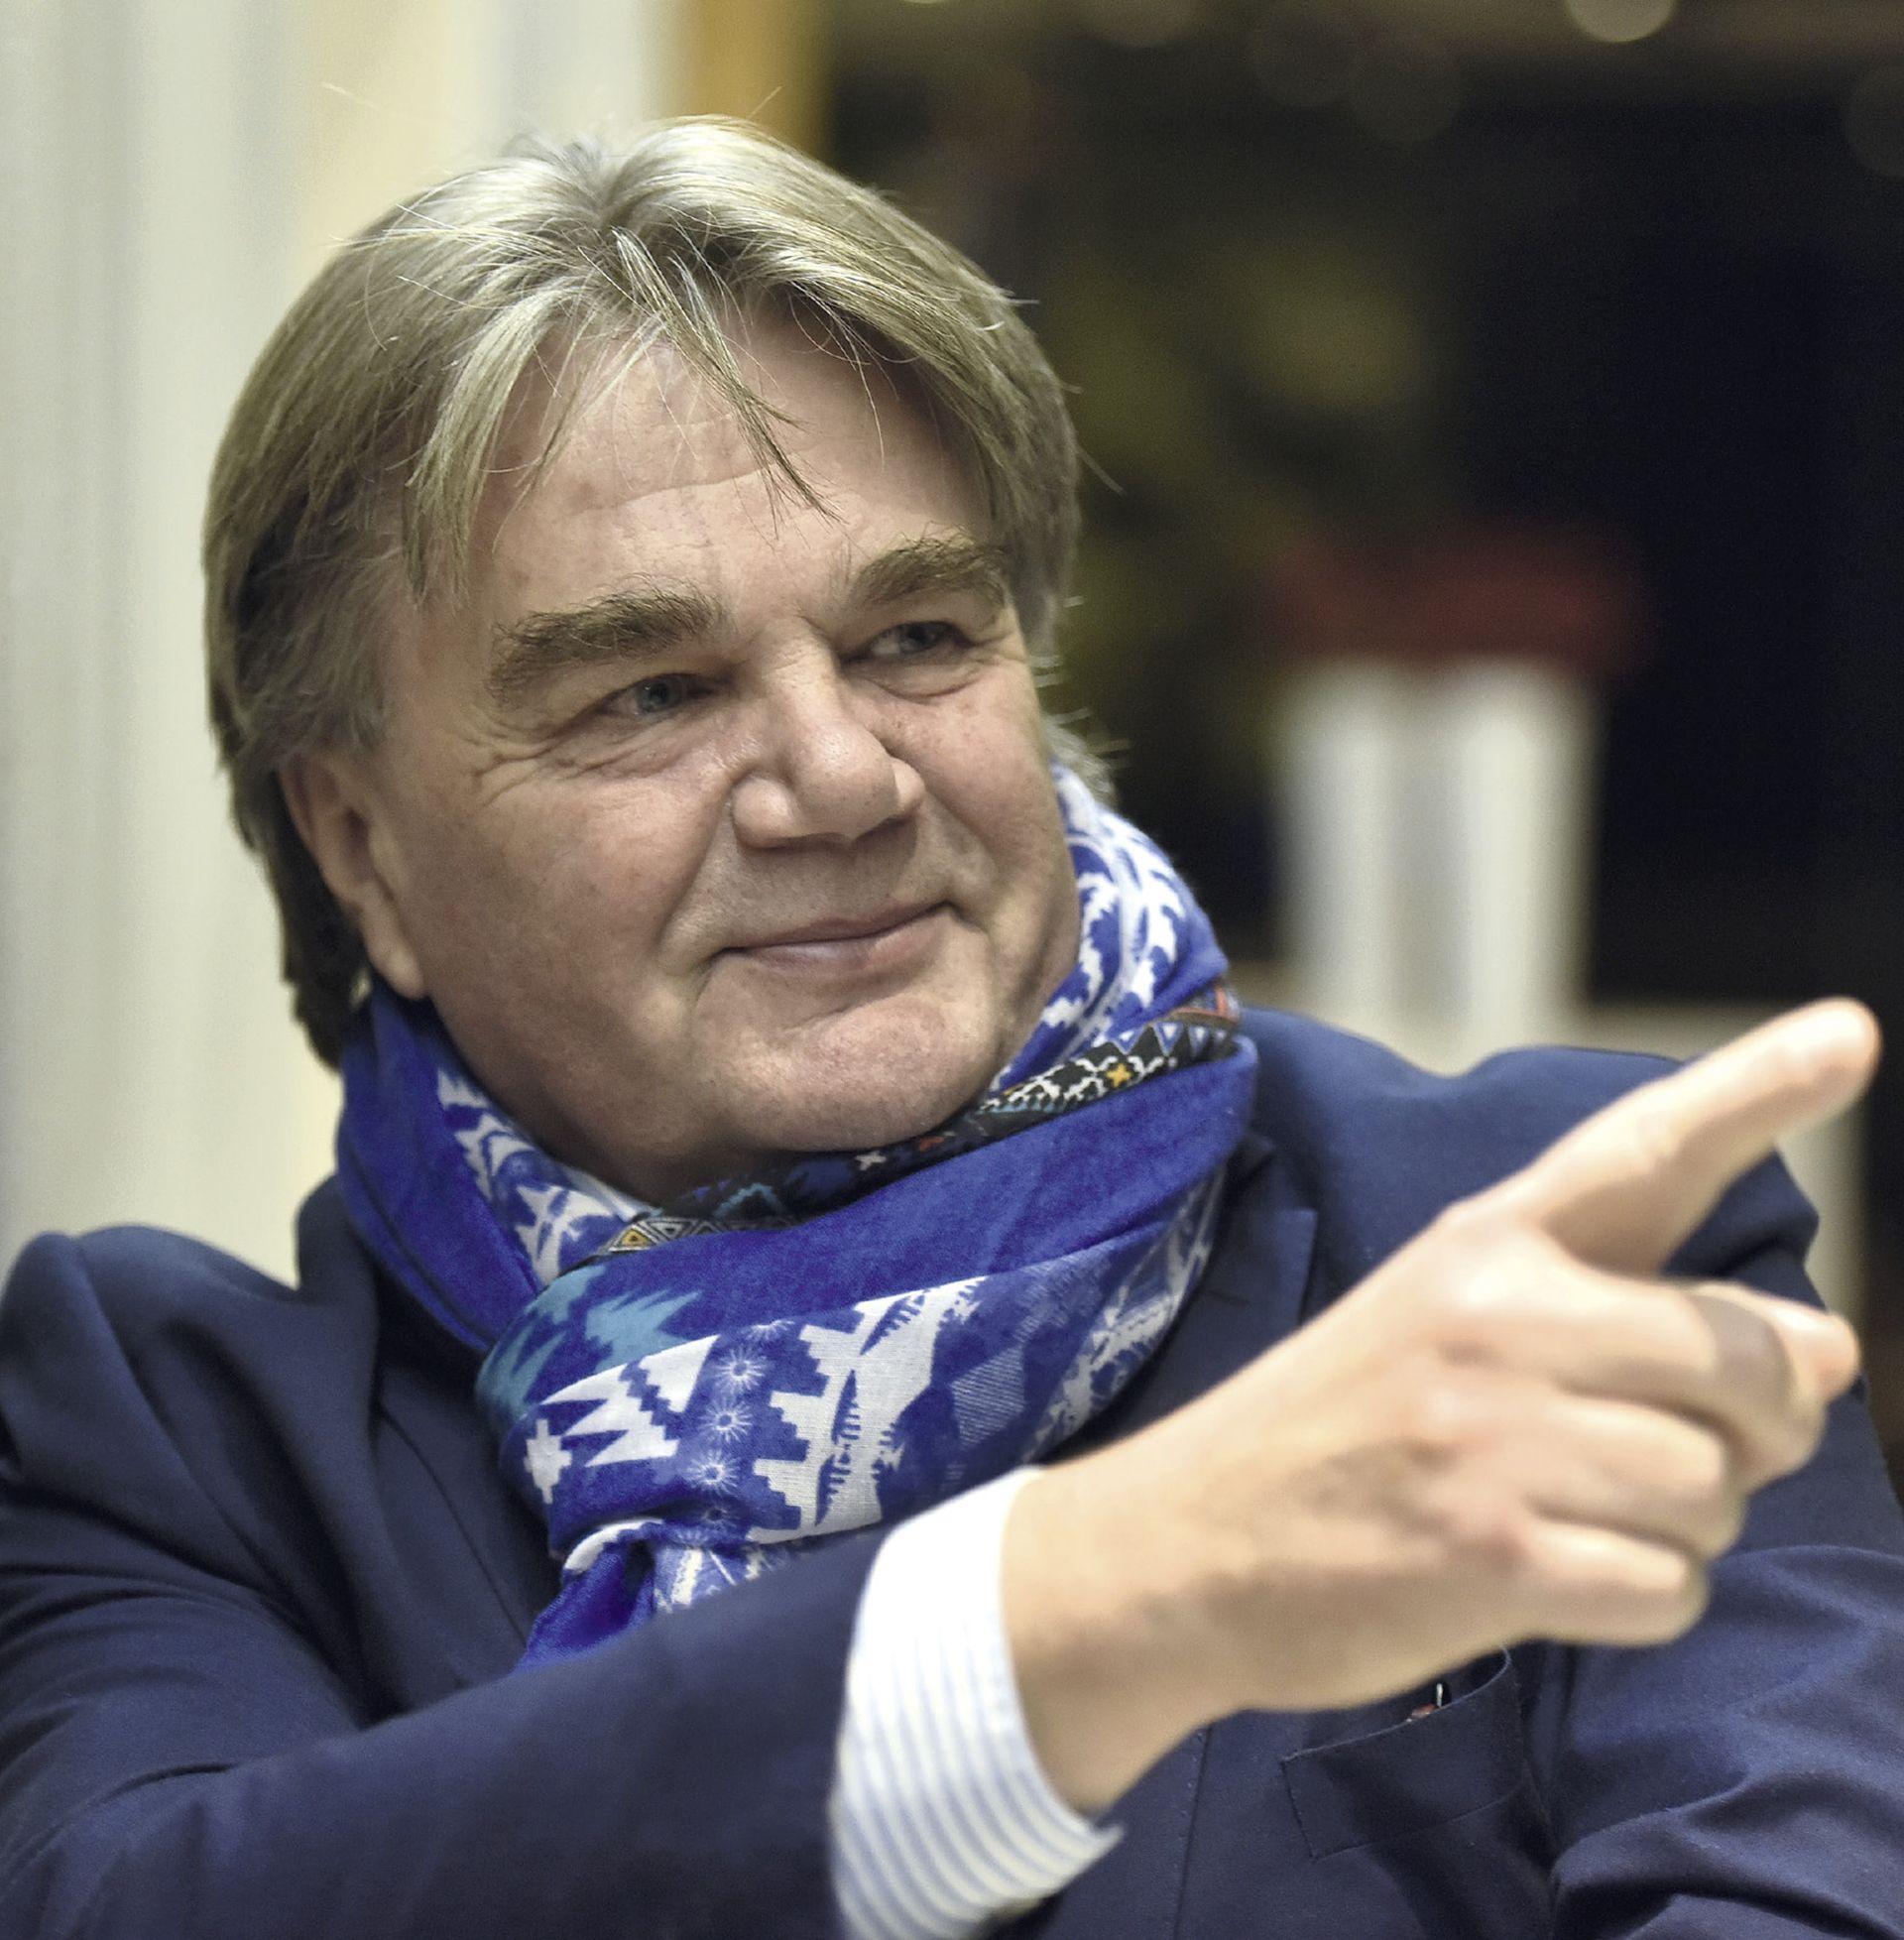 INTERVIEW: IVAN JAKOVČIĆ 'Plenković je pod pritiskom EU-a povukao izjave o nepravednoj presudi generalu Praljku u Haagu'